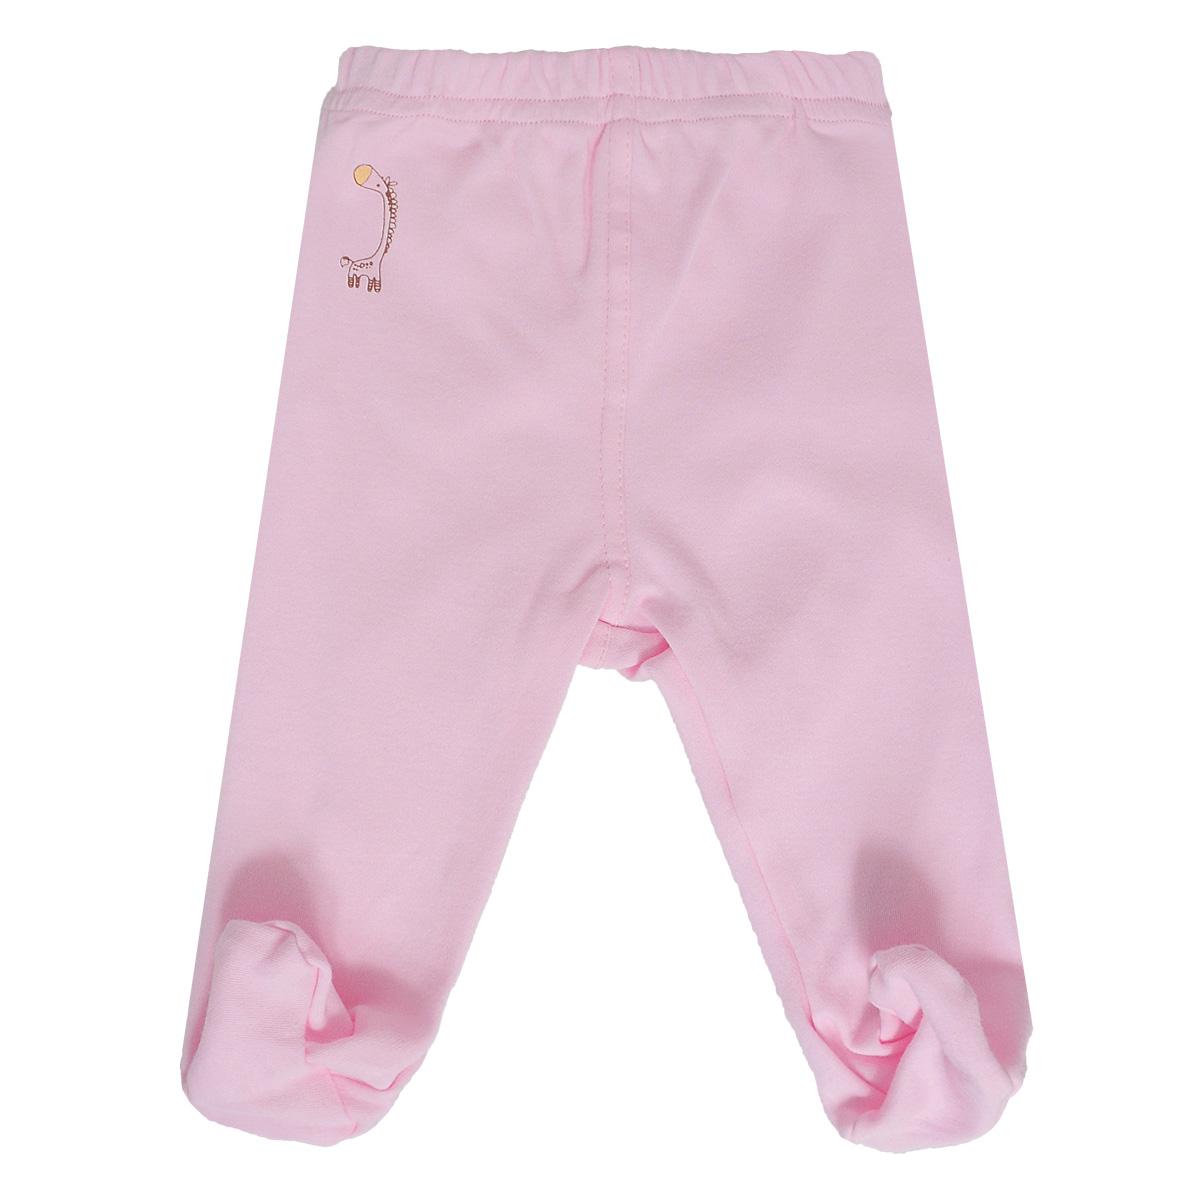 Ползунки Клякса, цвет: розовый. 37-561. Размер 62, до 3 месяцев37-561Ползунки для новорожденного Клякса послужат идеальным дополнением к гардеробу вашего младенца, обеспечивая ему наибольший комфорт.Модель, изготовленная из интерлока - натурального хлопка, необычайно мягкая и легкая, не раздражает нежную кожу ребенка и хорошо вентилируется, а эластичные швы приятны телу новорожденного и не препятствуют его движениям. Ползунки с закрытыми ножками благодаря мягкому эластичному поясу не сдавливают животик младенца и не сползают, идеально подходят для ношения с подгузником. Спереди изделие оформлено оригинальным принтом в виде небольшого изображения животного. Они полностью соответствуют особенностям жизни ребенка в ранний период, не стесняя и не ограничивая его в движениях. УВАЖАЕМЫЕ КЛИЕНТЫ! Обращаем ваше внимание на возможные незначительные изменения в дизайне: рисунок животного может отличатся от рисунка, изображенного на фотографии.